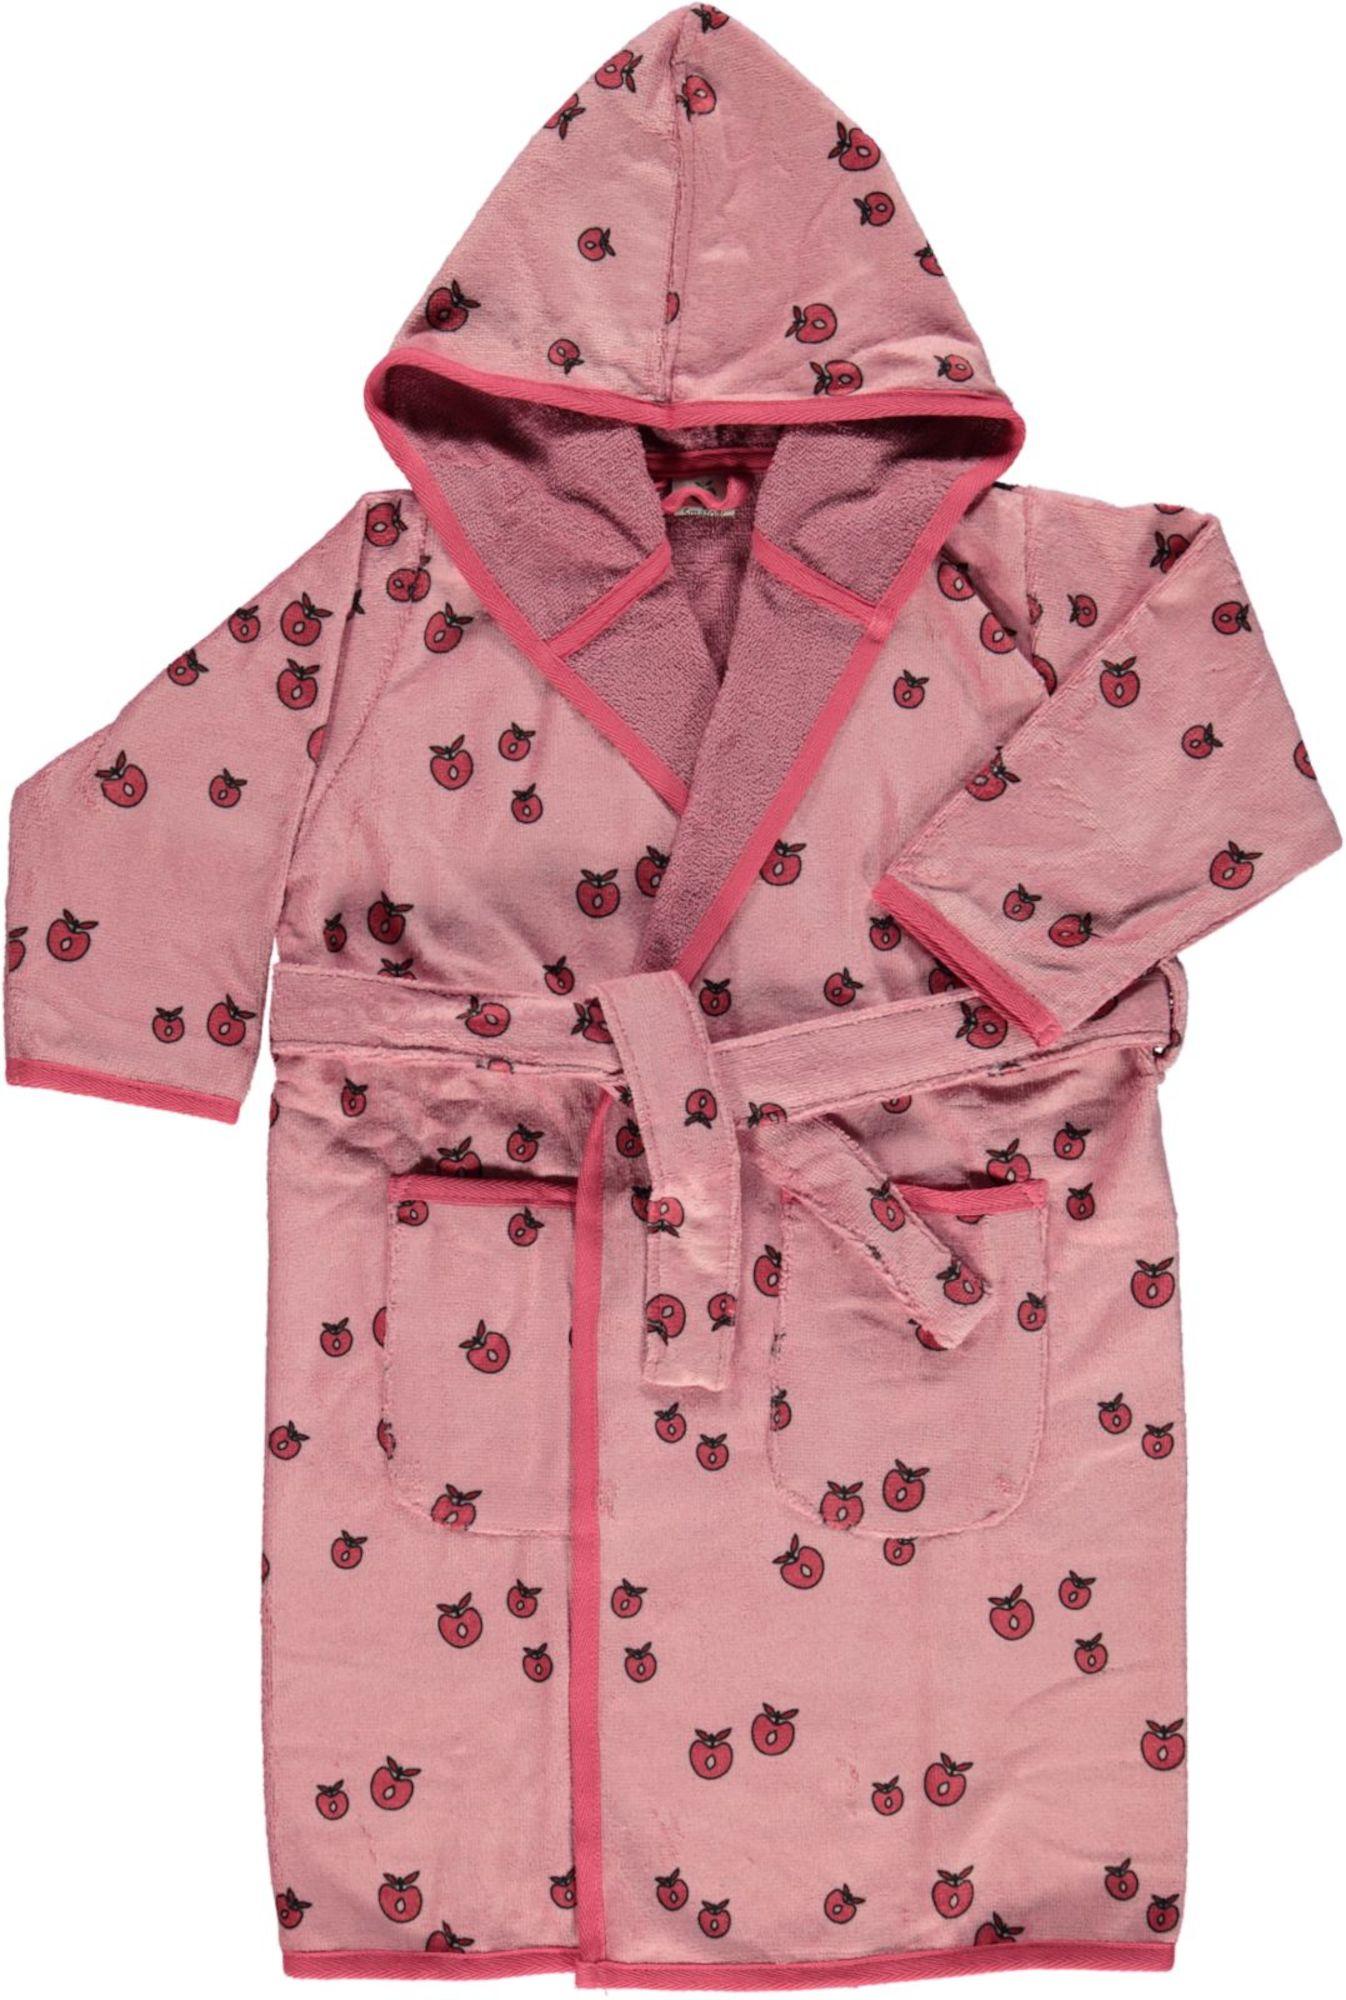 79312adb52c Köp Småfolk Äpple Badrock, Sea Pink | Jollyroom